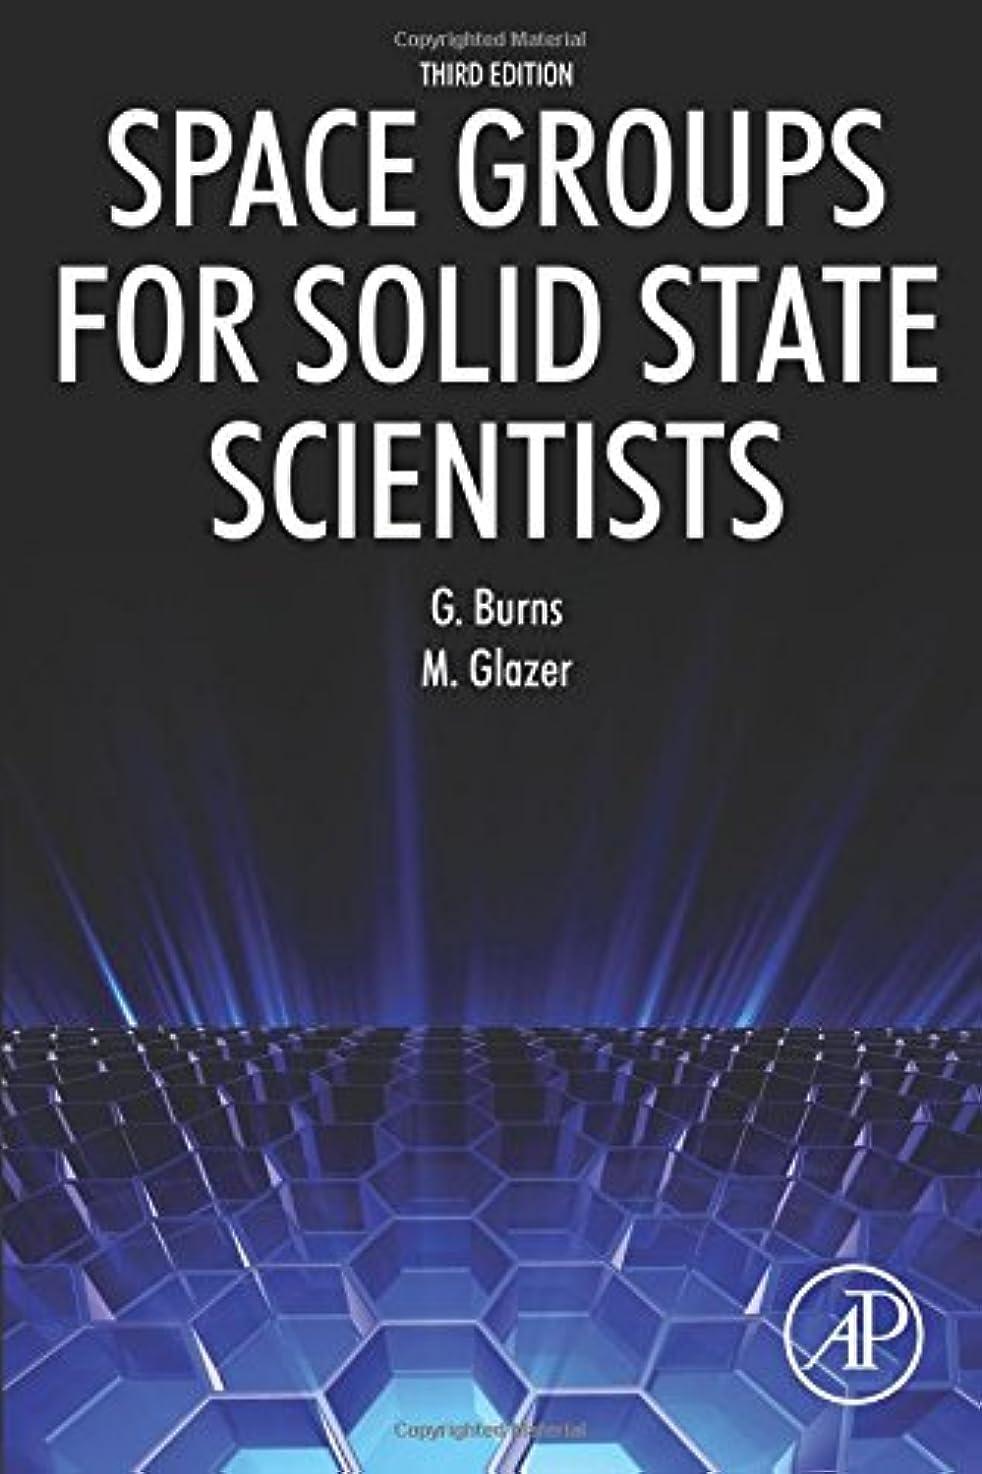 浸したガロン喉頭Space Groups for Solid State Scientists, Third Edition